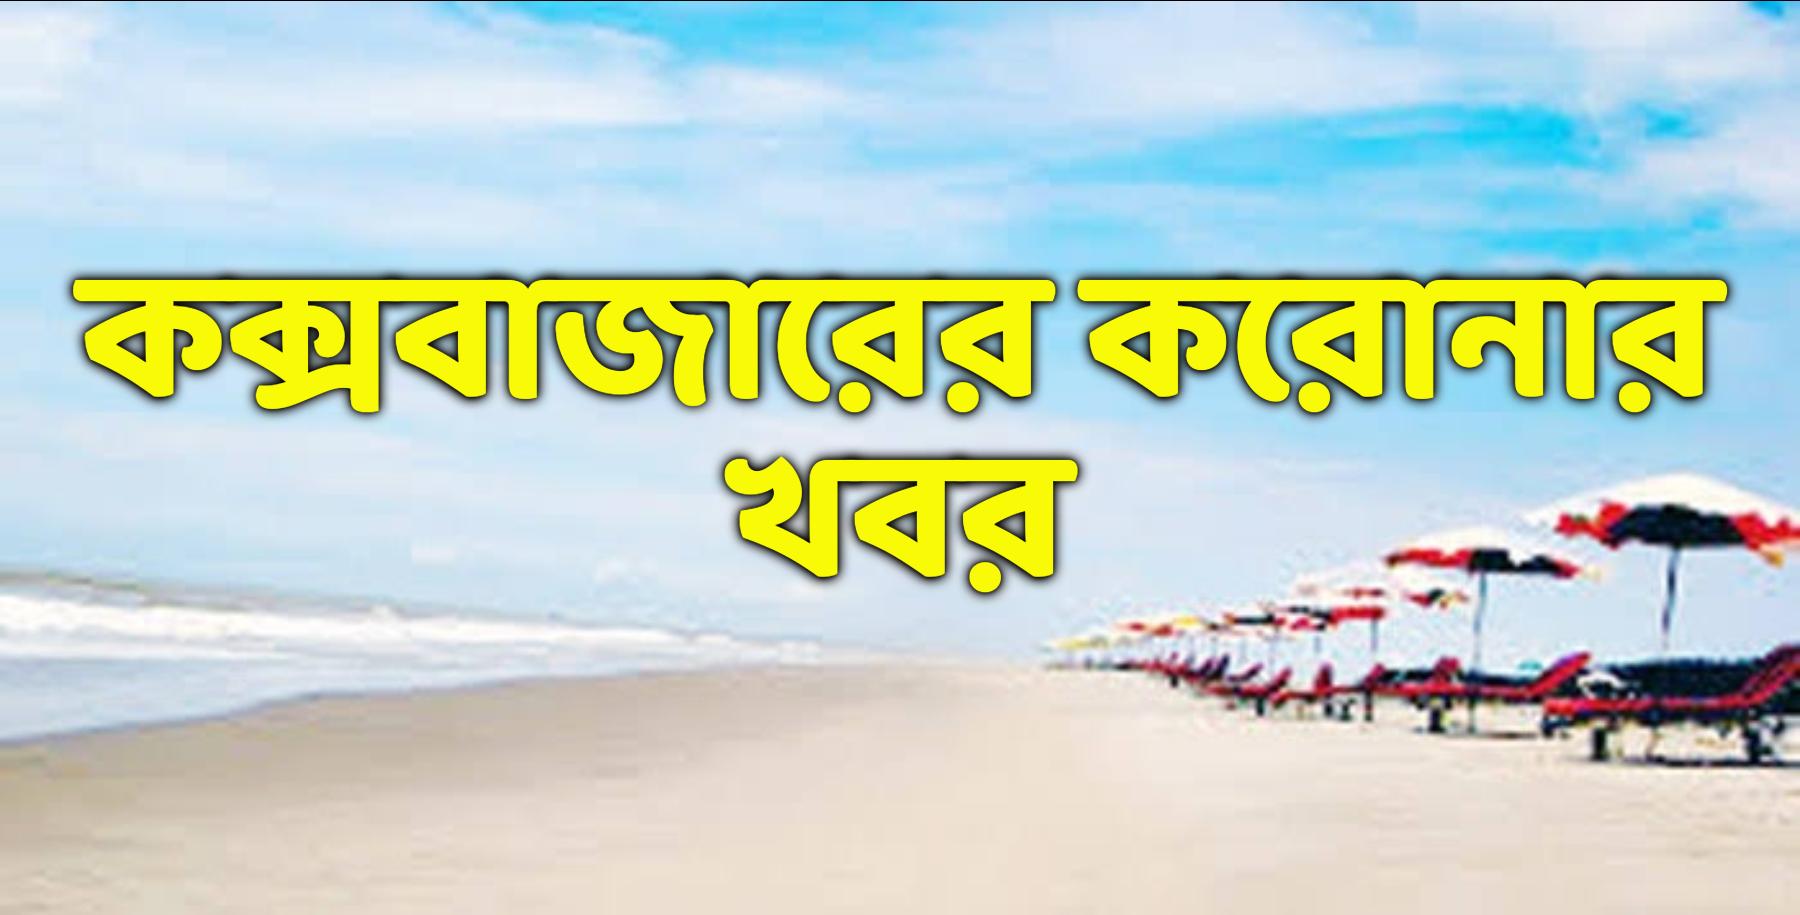 কক্সবাজারে ৩ রোহিঙ্গাসহ ২১ জনের করোনা শনাক্ত l Channel Cox News